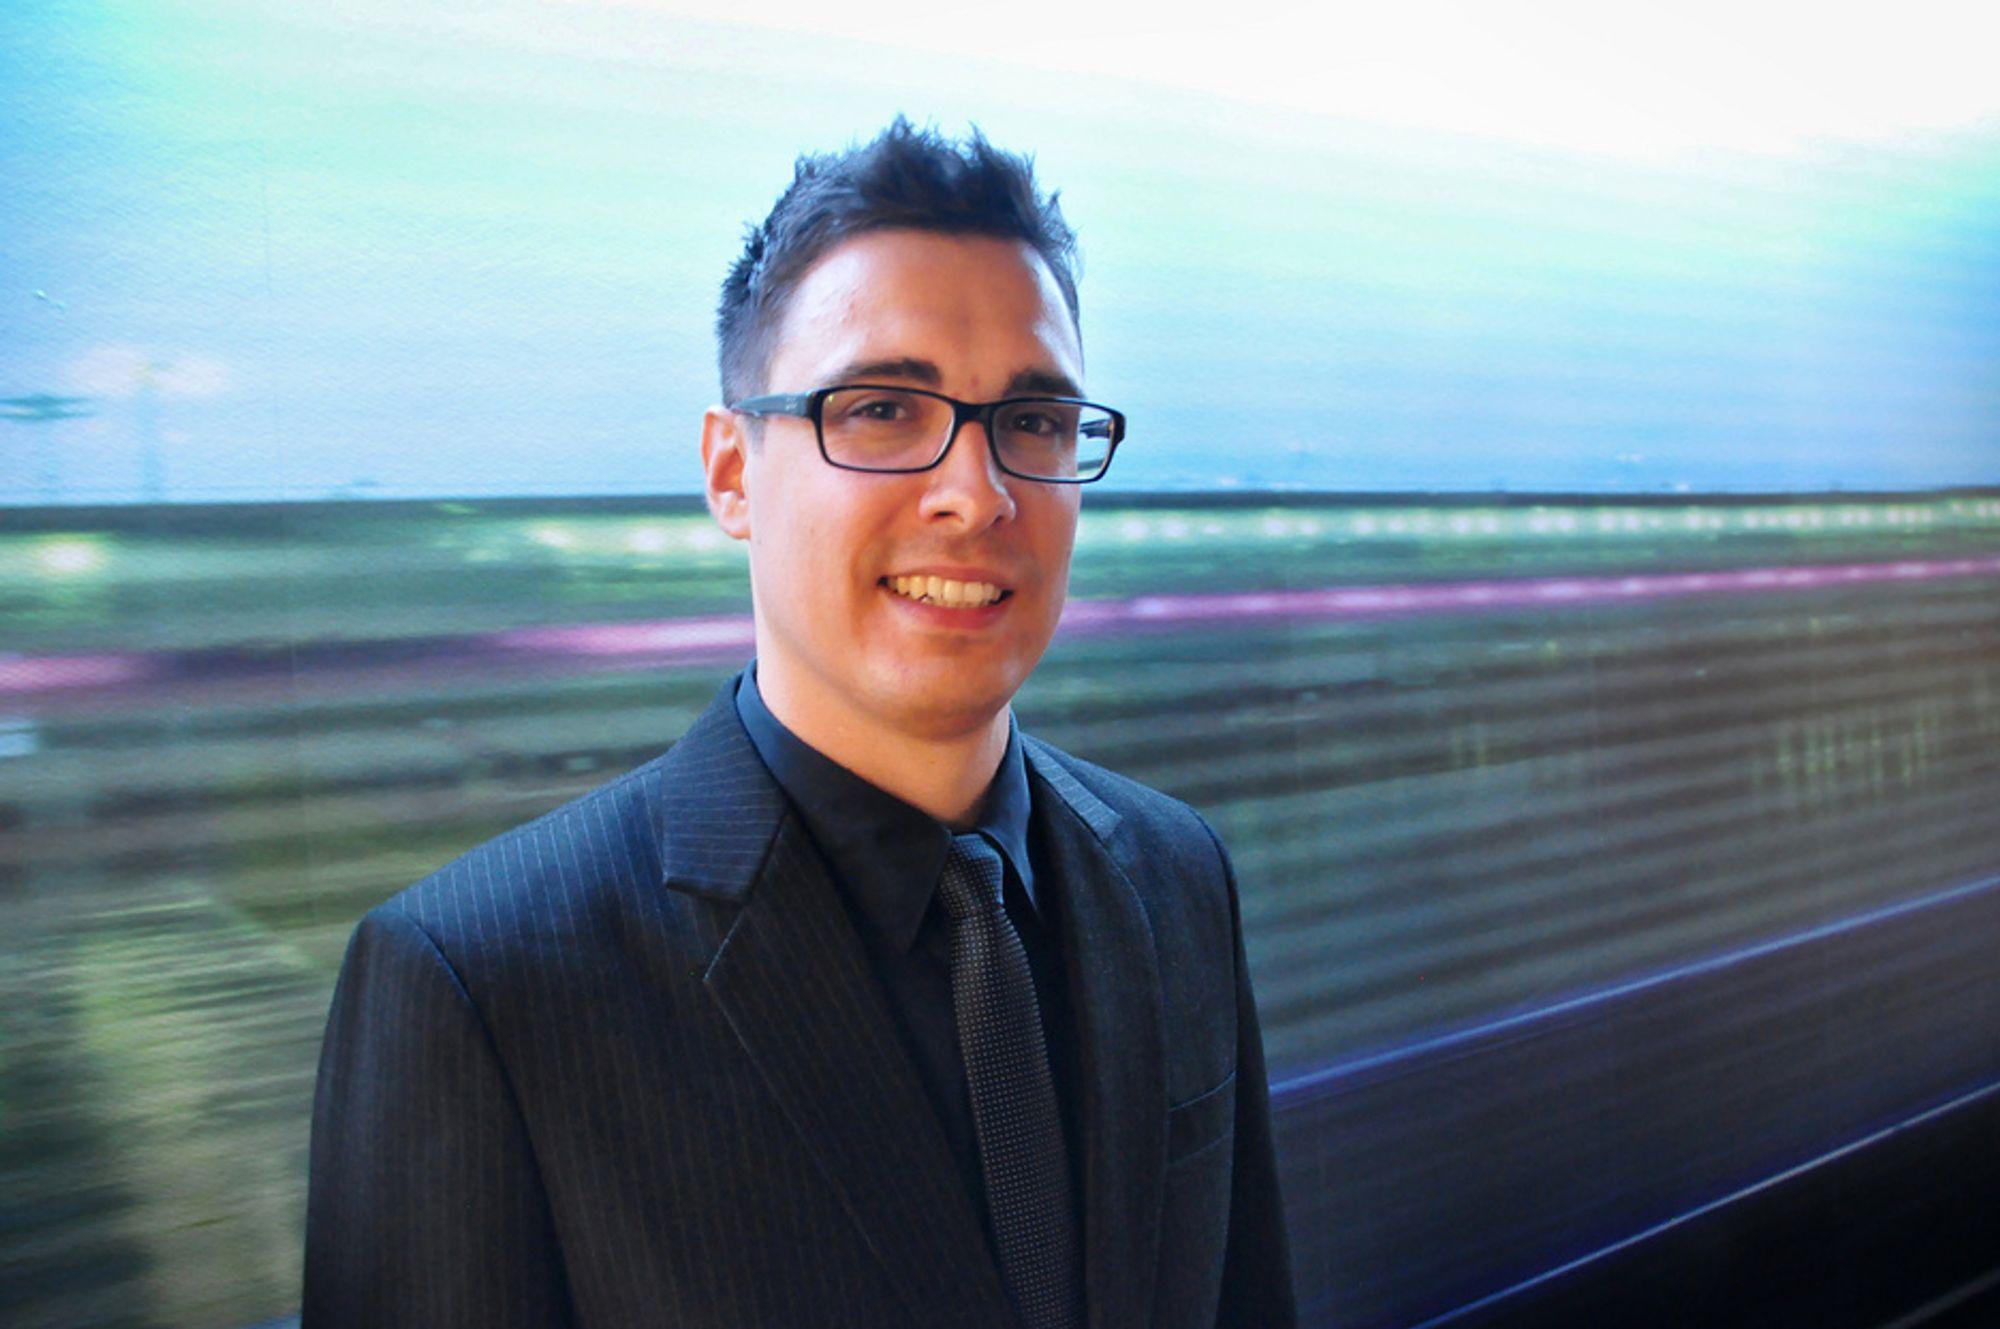 PRISVINNER: Magnus Olsen fikk RIF-pris for sin masteroppgave ved Universitetet for miljø- og biovitenskap, og mener at VA-bransjen har mye å lære av kraftbransjen.